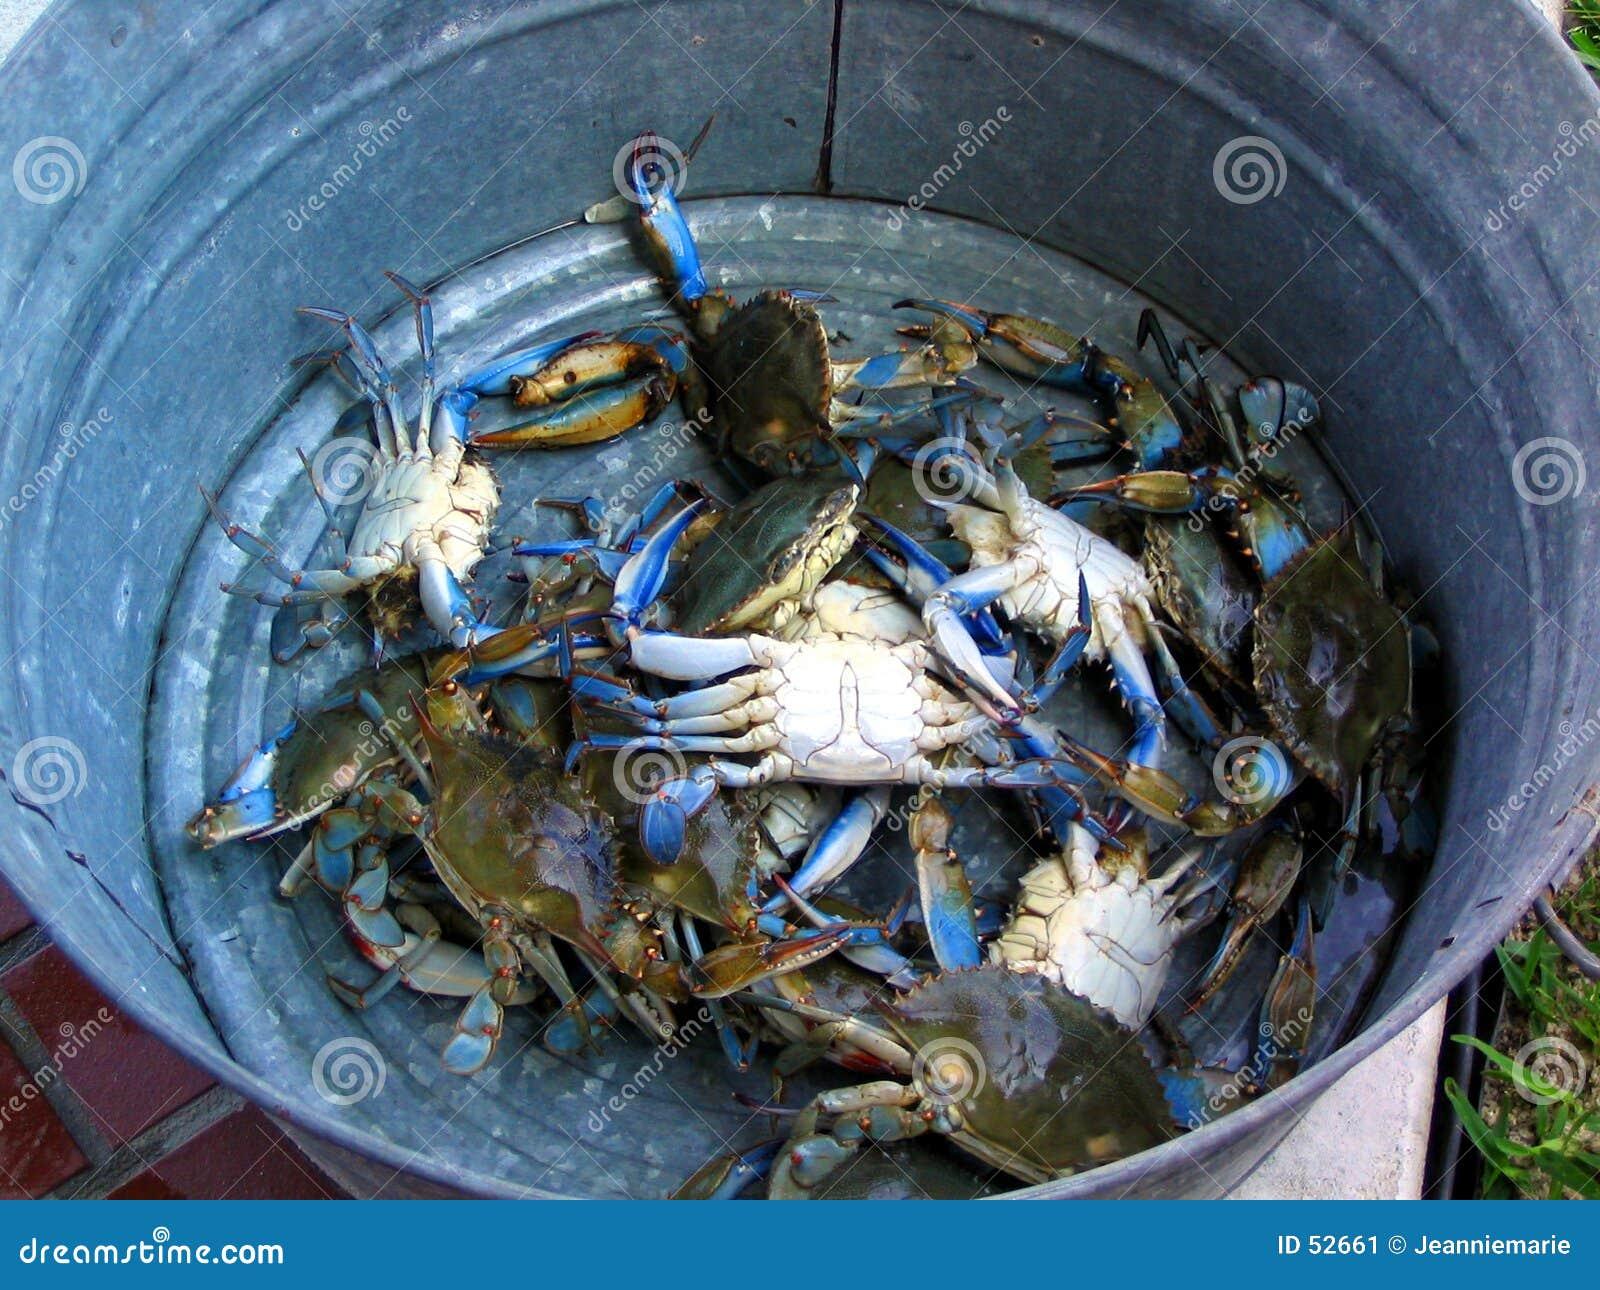 Bucket of Blue Crabs